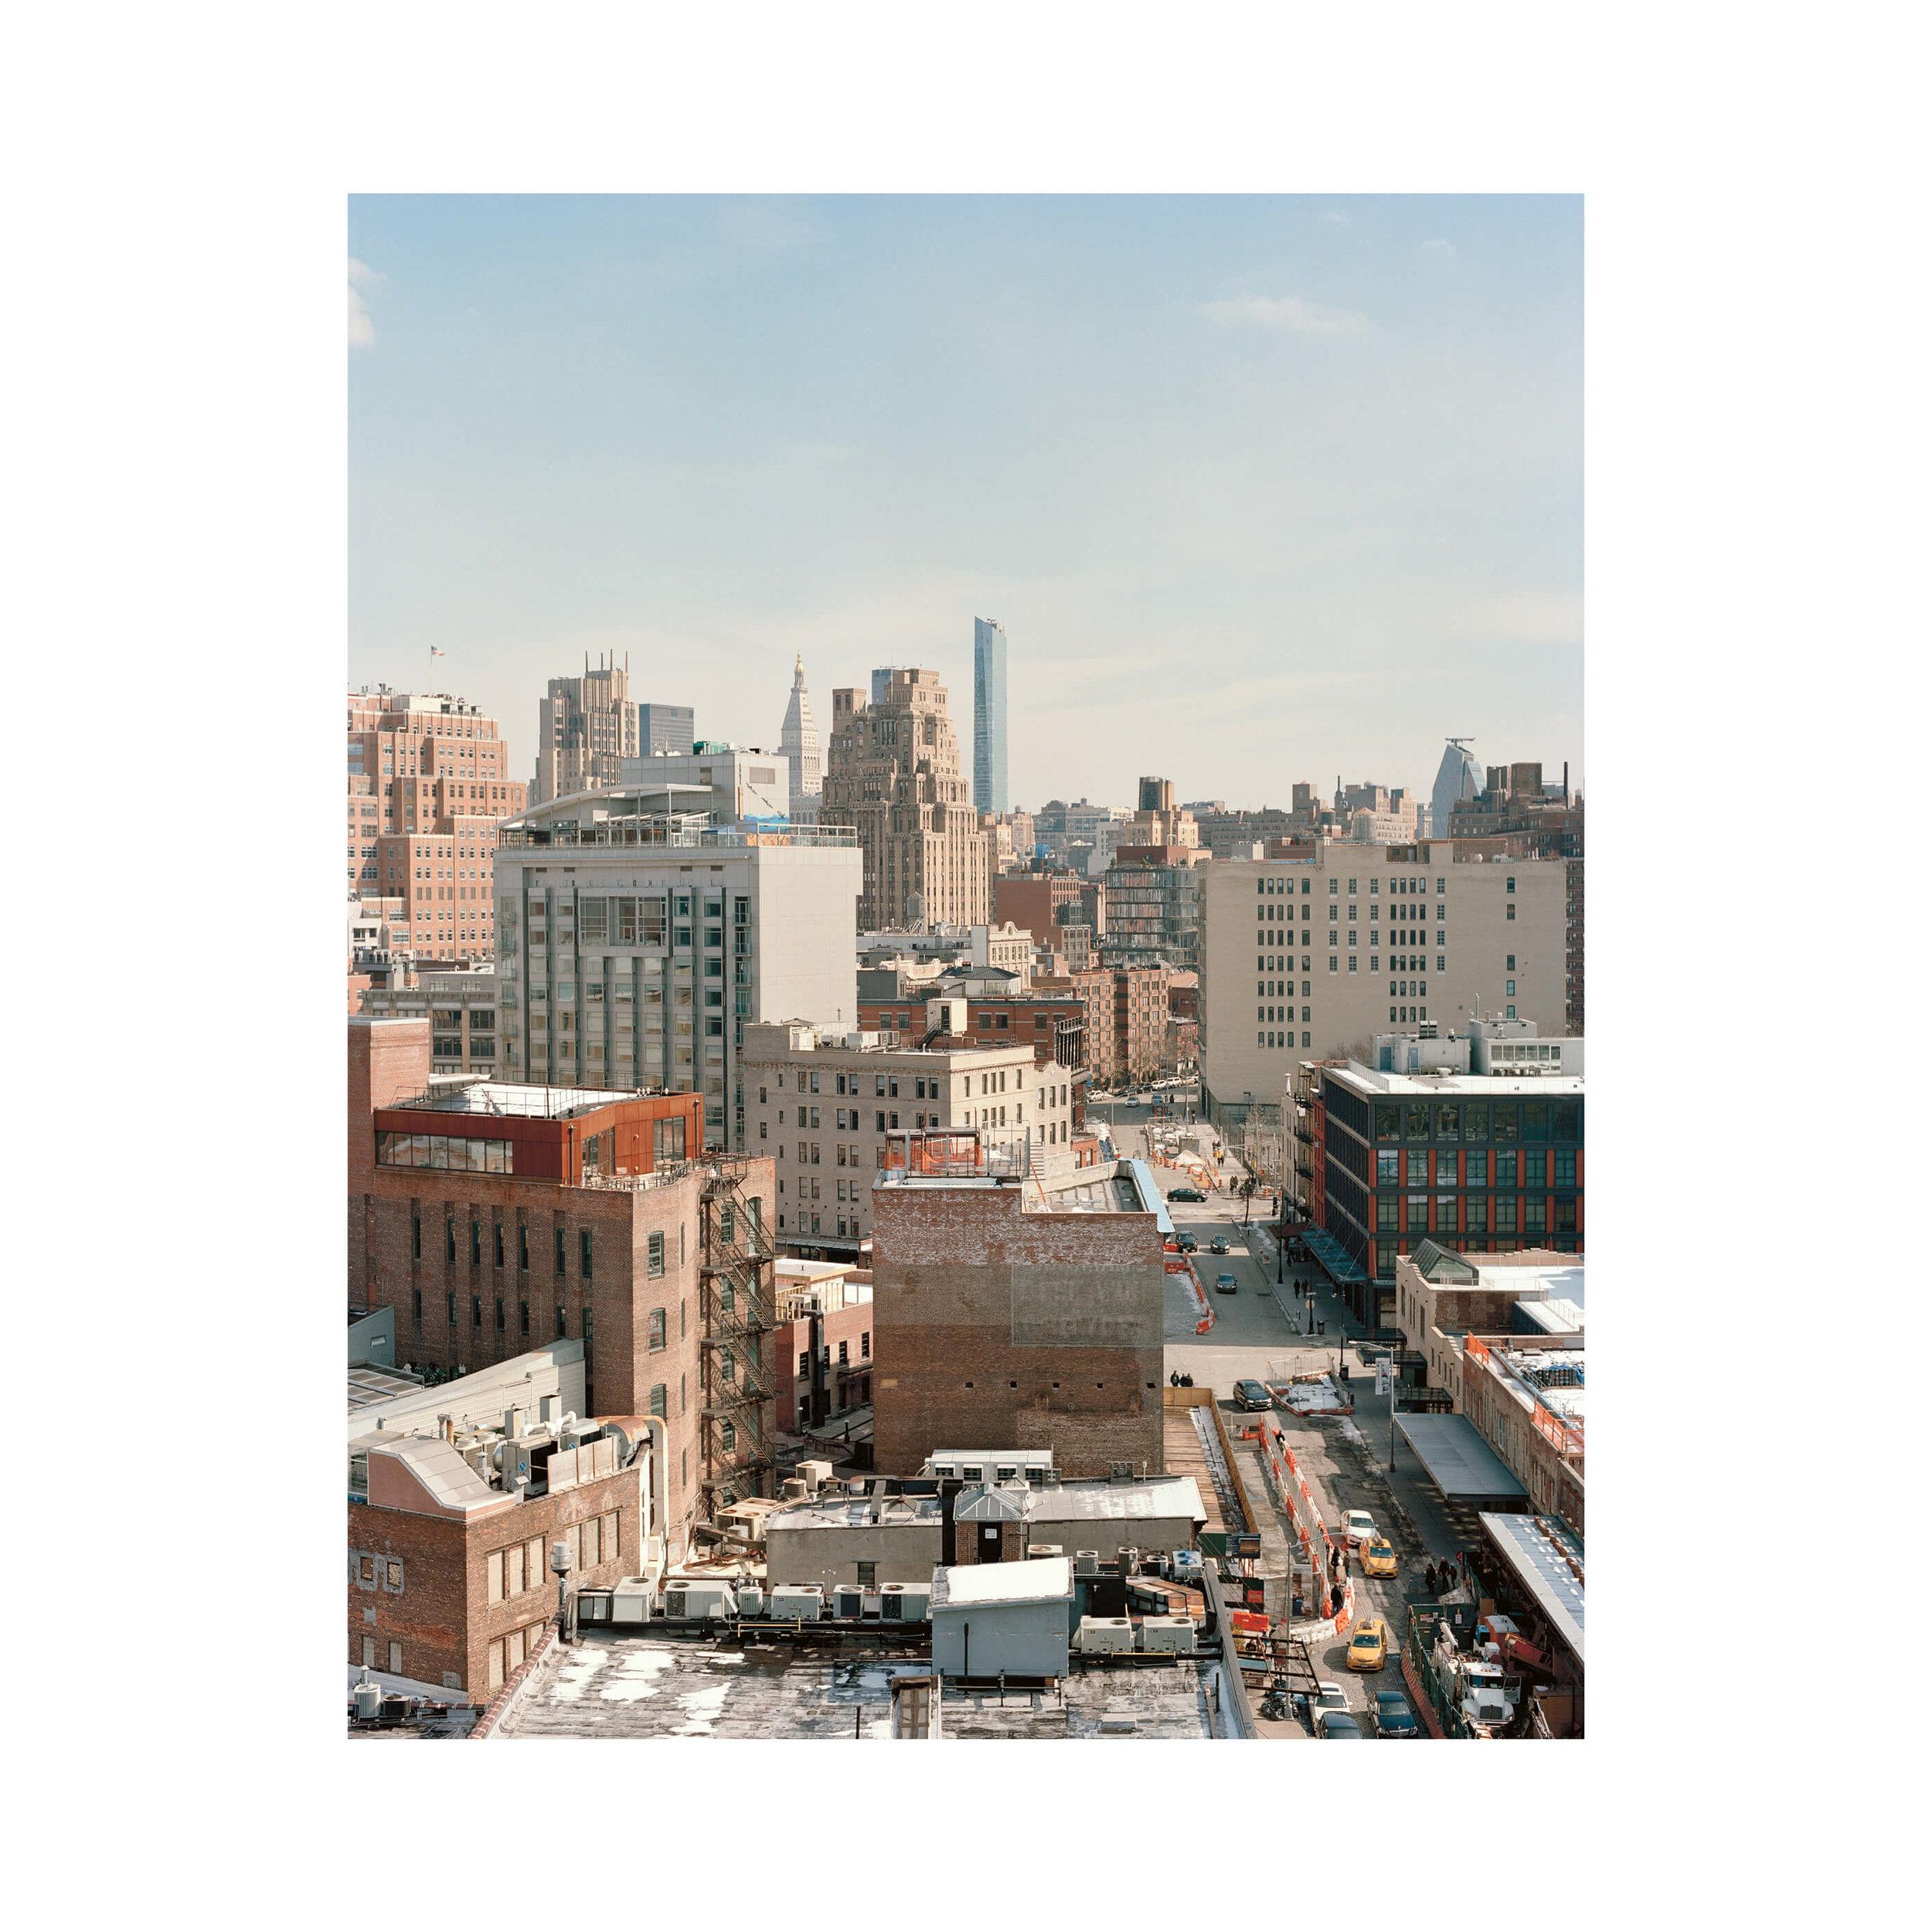 NYC-2791x2791-Border.jpg